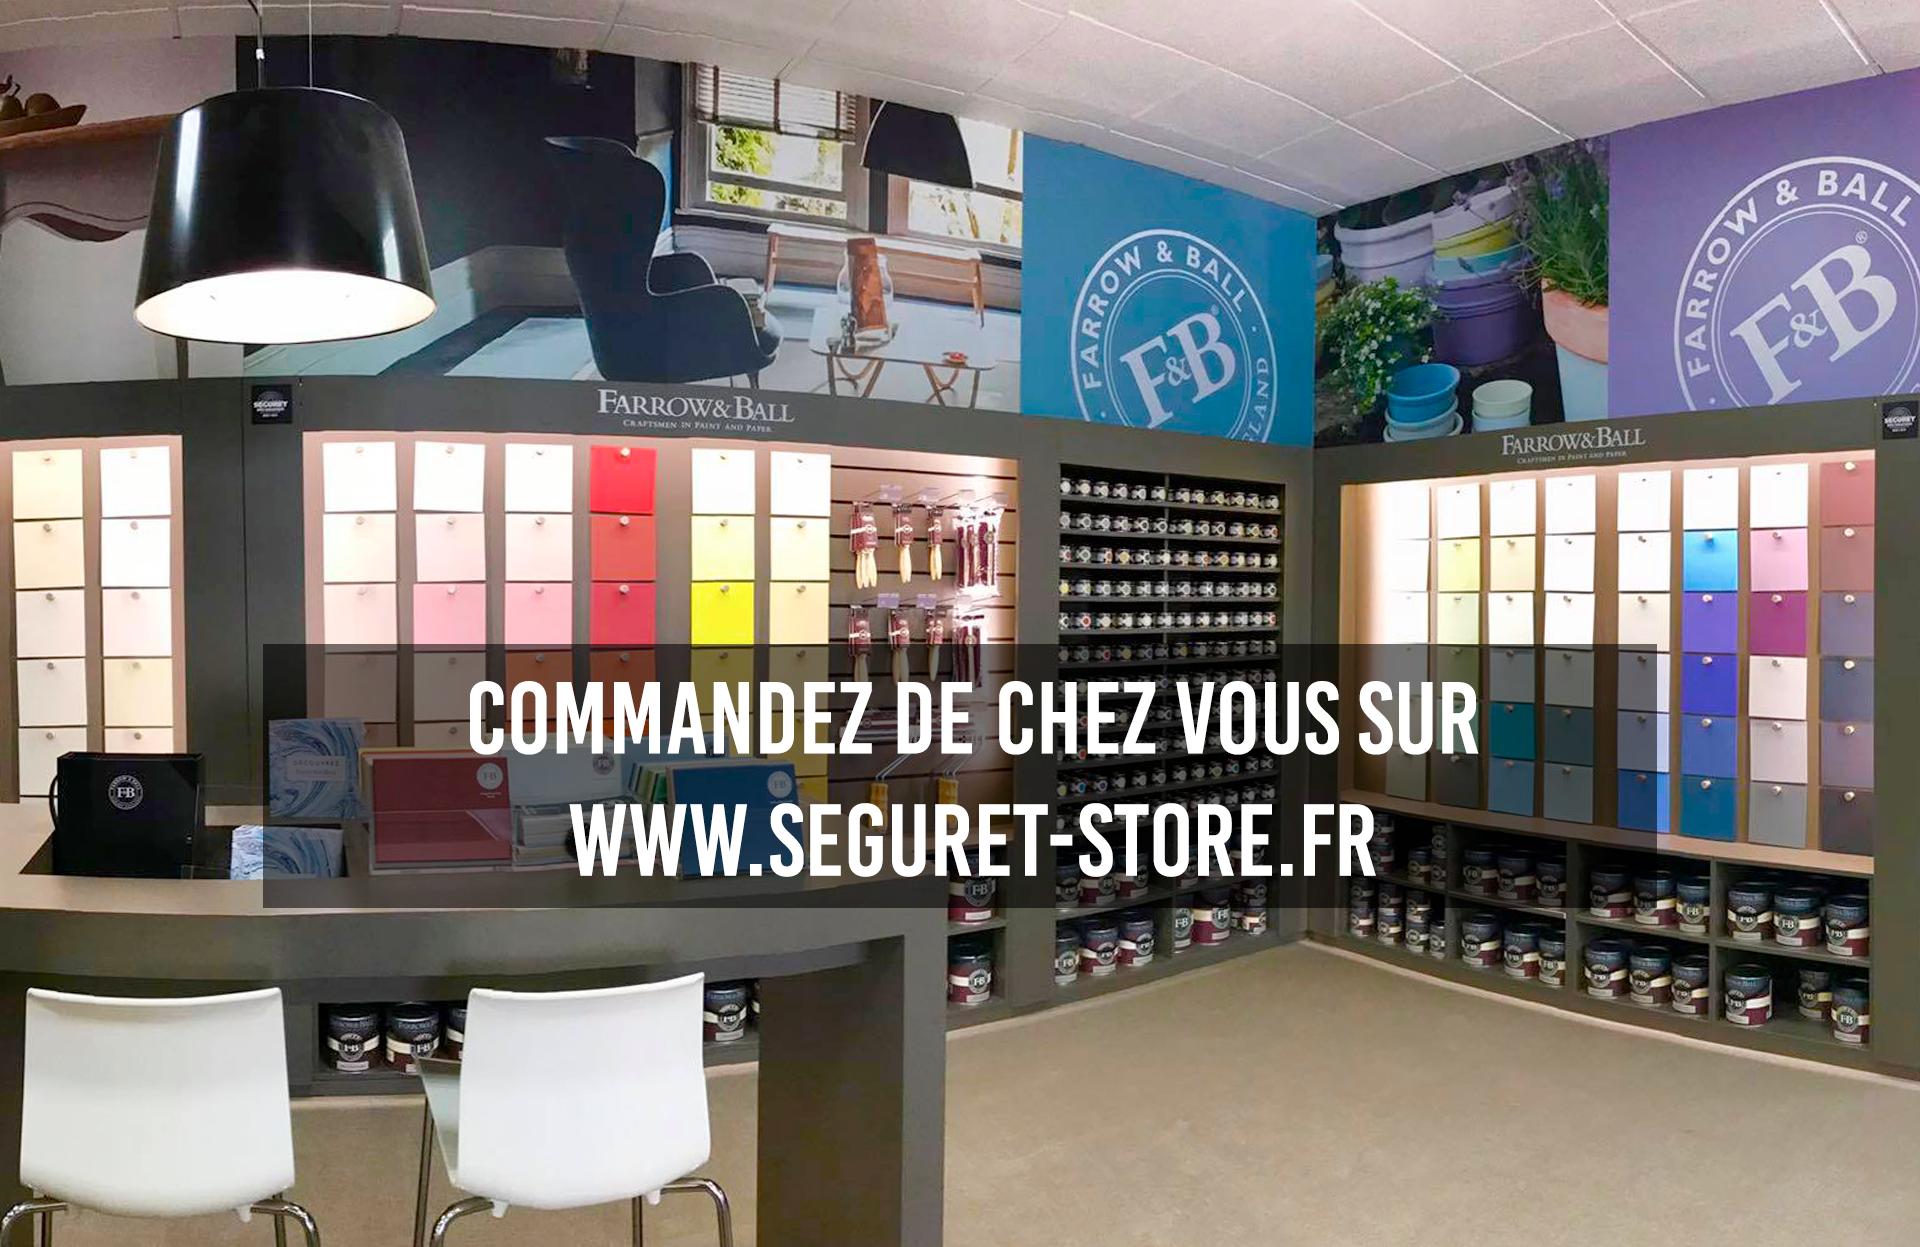 commandez sur seguret-store.fr